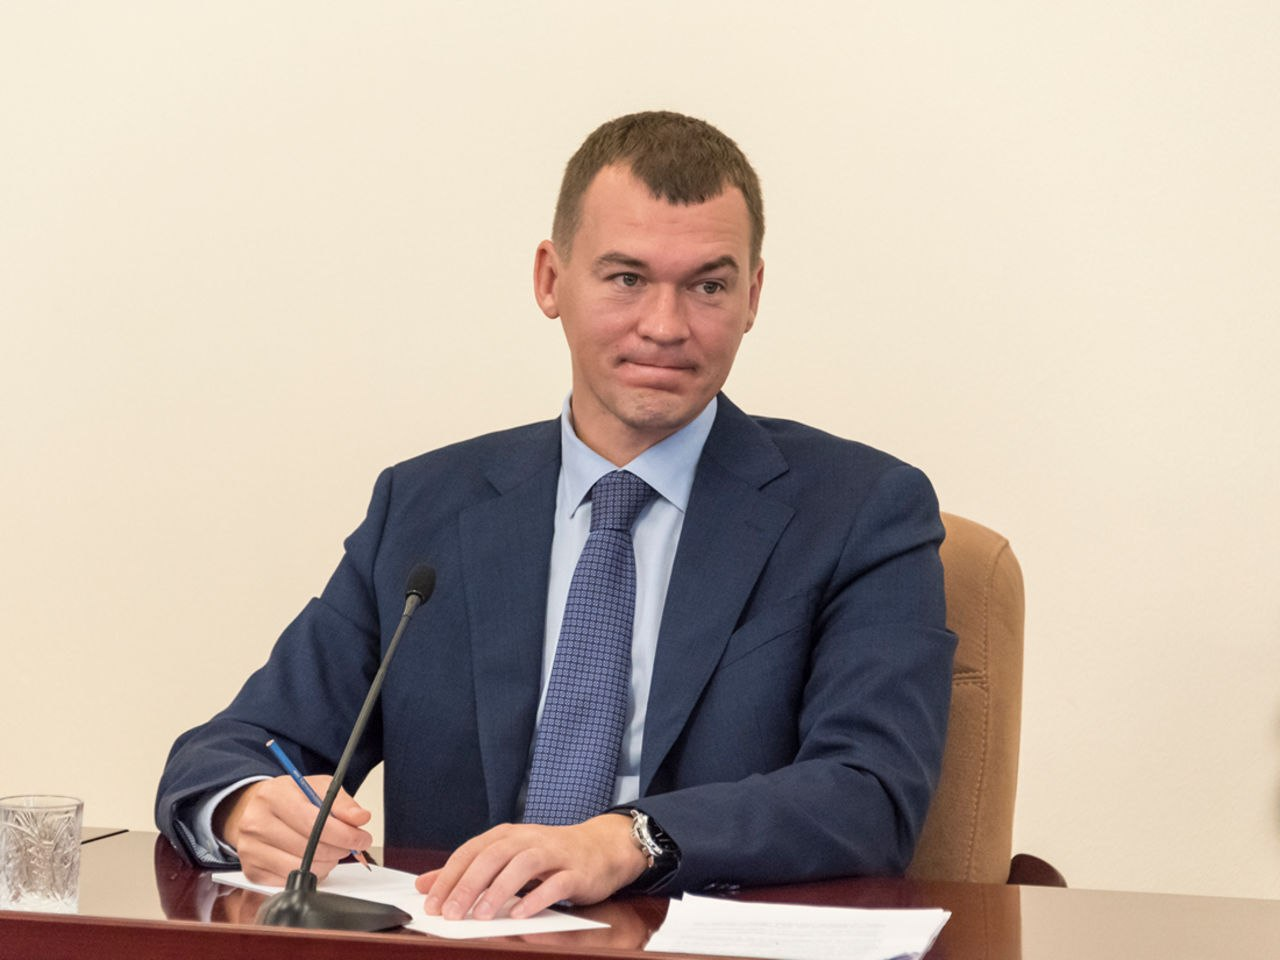 Дегтярёв прокомментировал ситуацию с бензином в Хабаровском крае